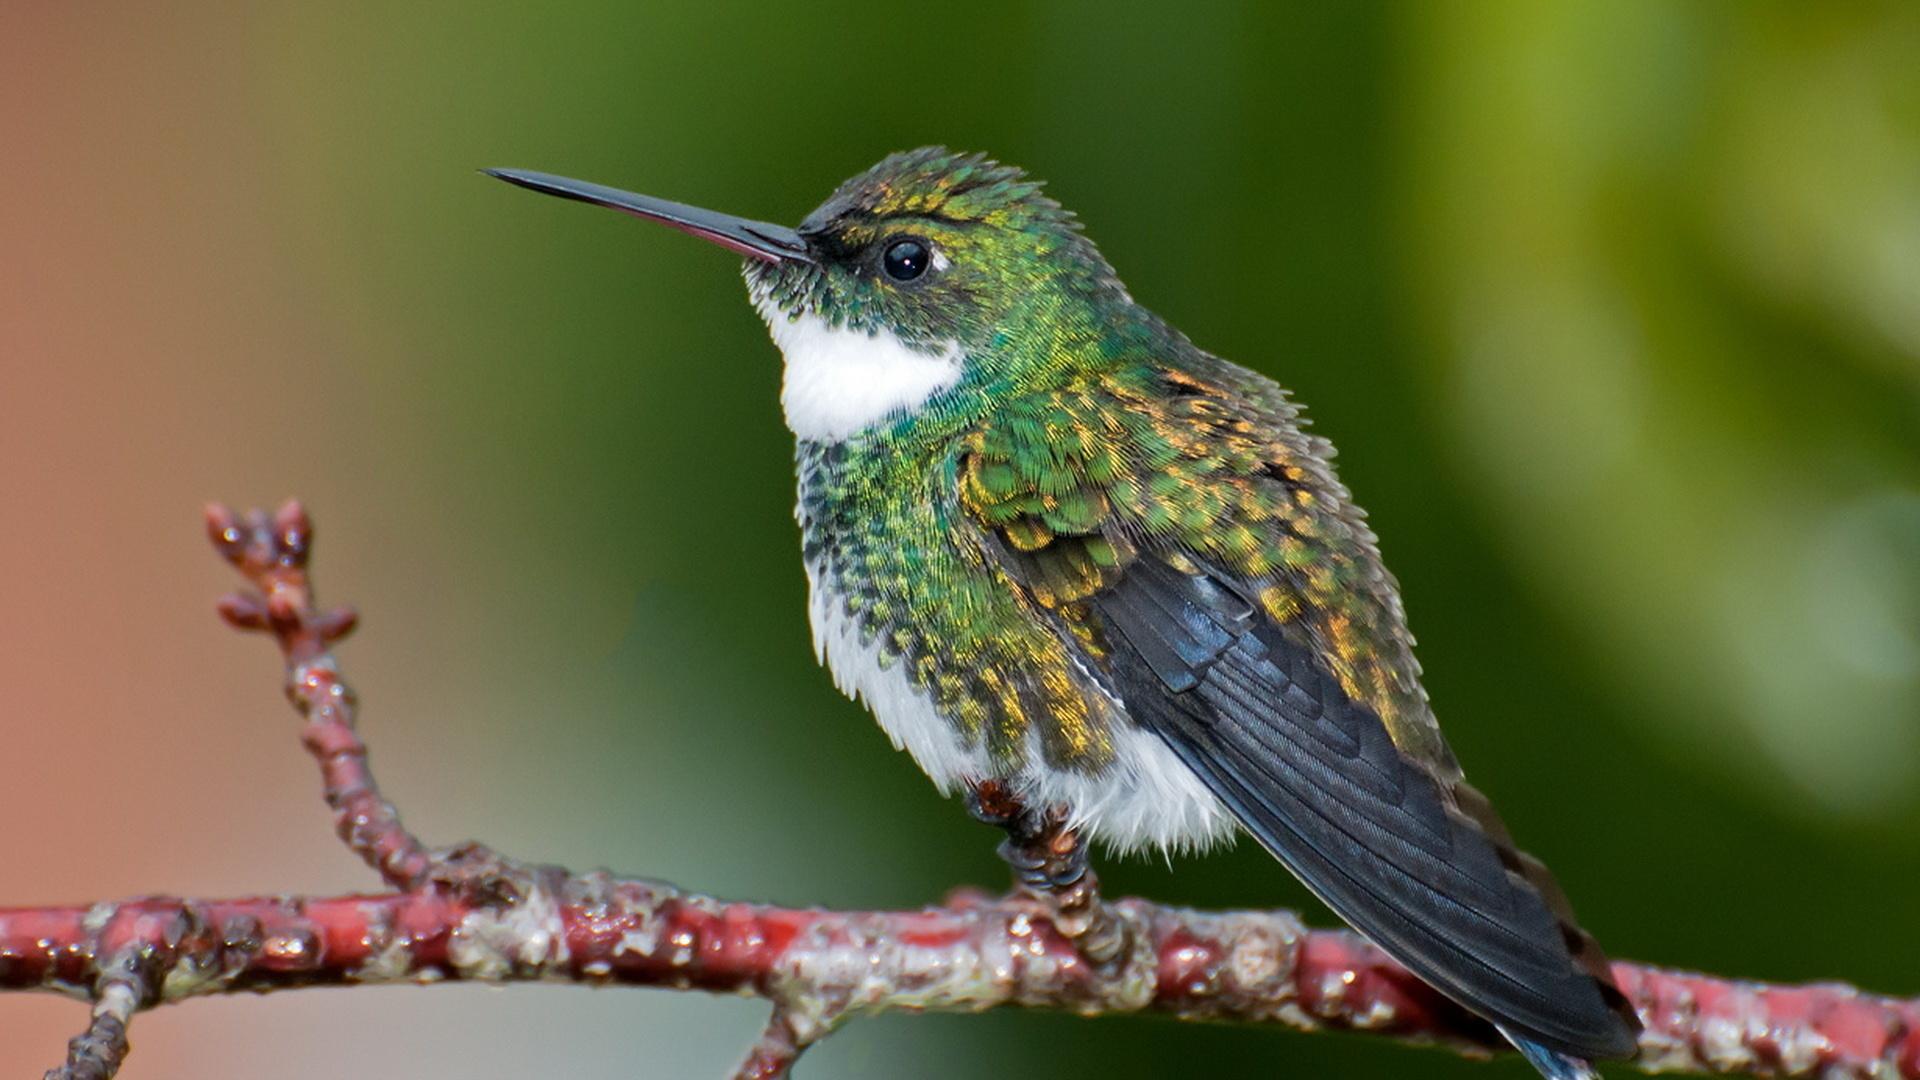 картинки самой маленькой птички в мире признается, что сильной